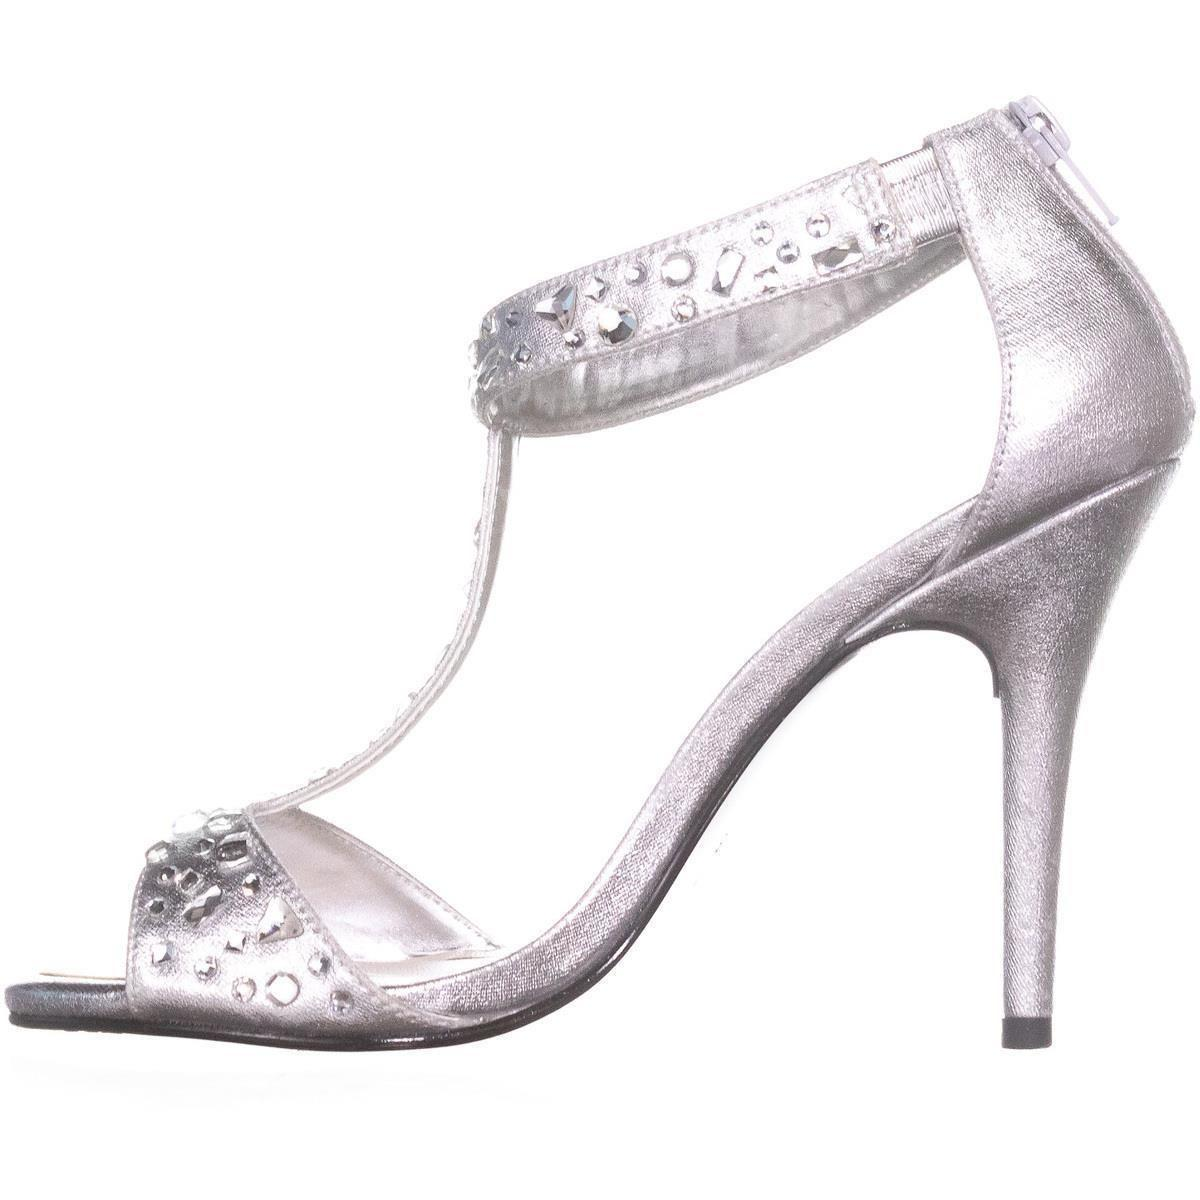 681a6c97834 Caparros - Metallic Esther T-strap Evening Sandals - Lyst. View fullscreen